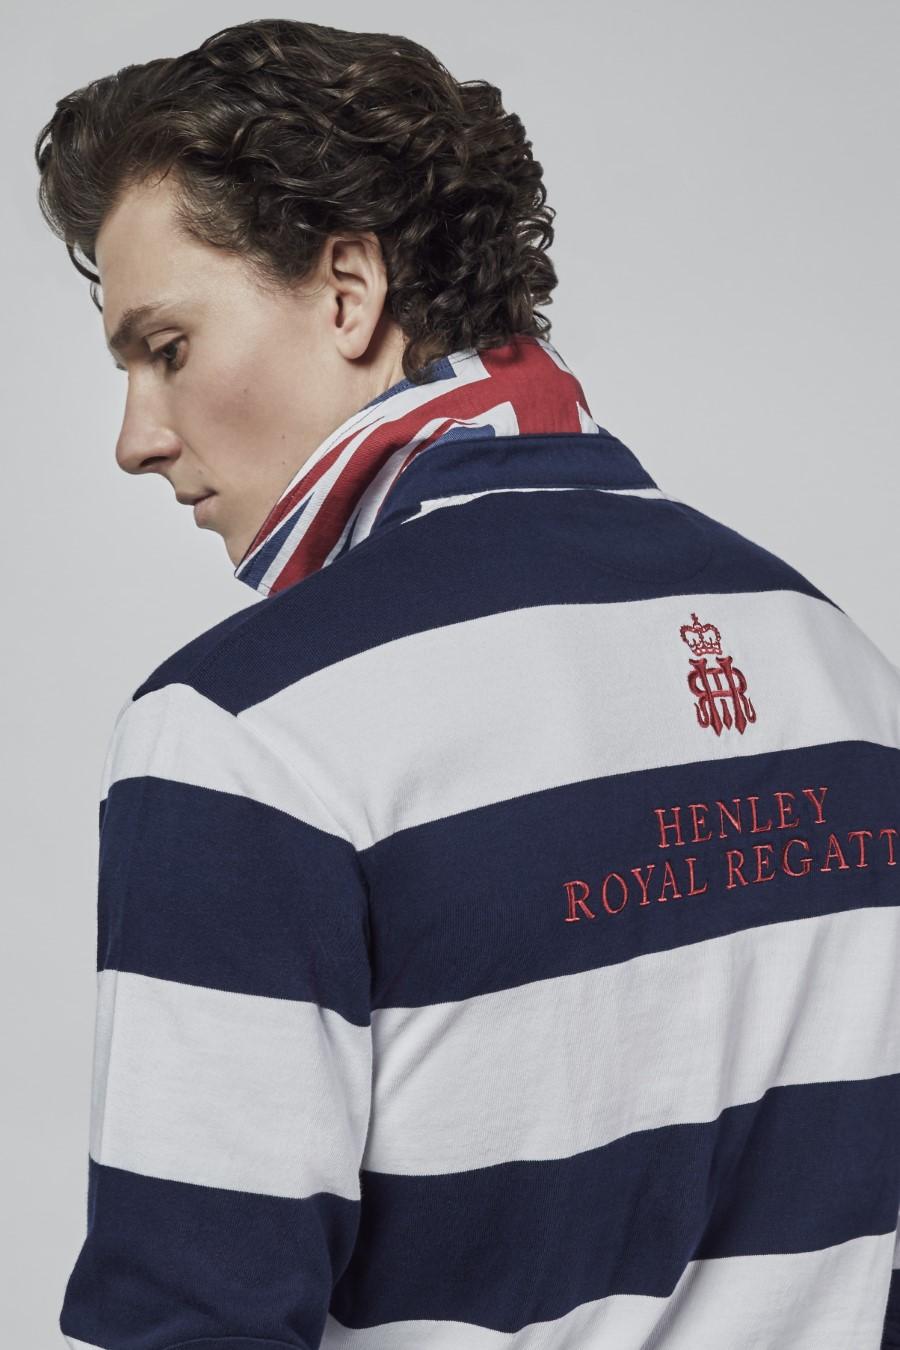 Hackett x Henley Royal Regatta